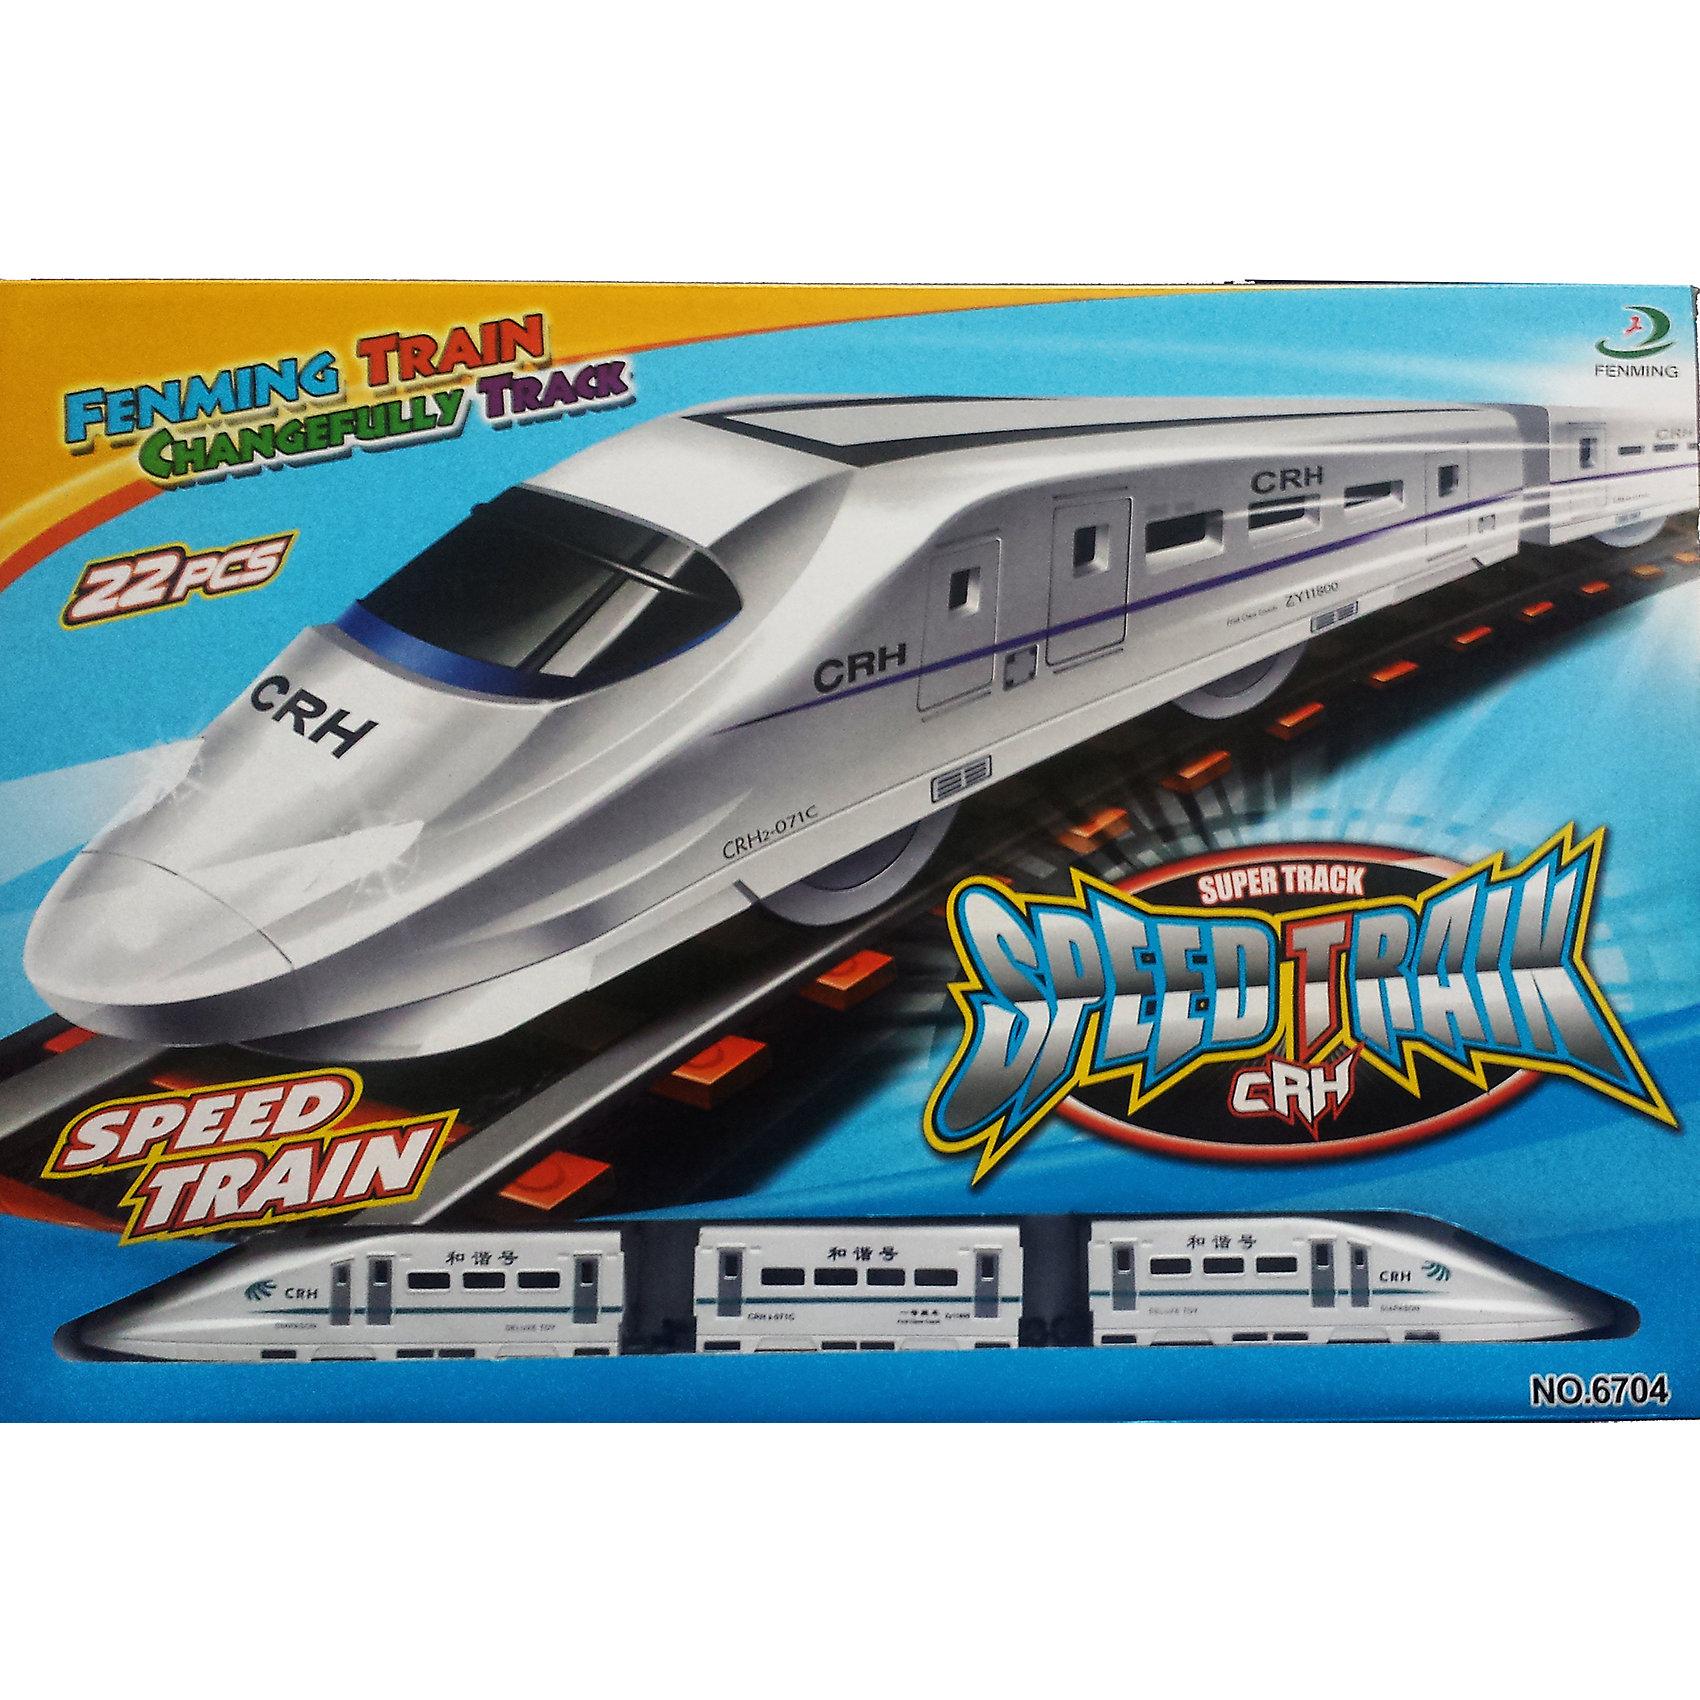 Железная дорога «Скоростной поезд», Fenming Toys